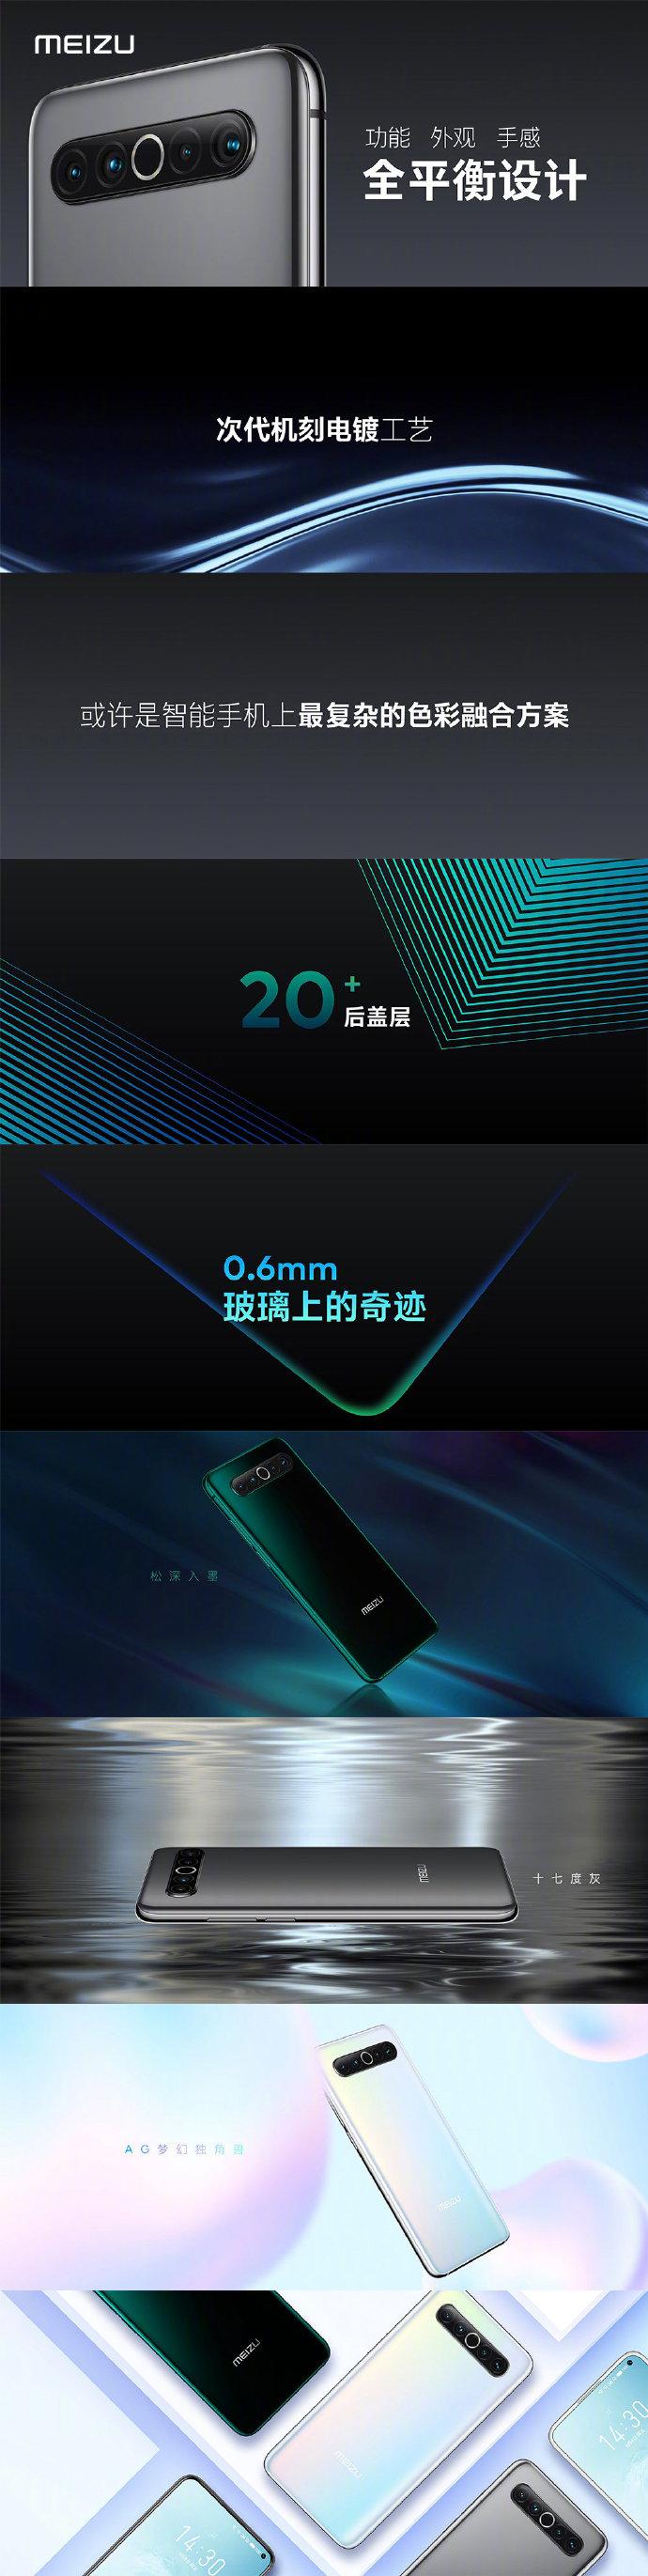 魅族17采用全平衡设计+次代机刻电镀工艺-玩懂手机网 - 玩懂手机第一手的手机资讯网(www.wdshouji.com)